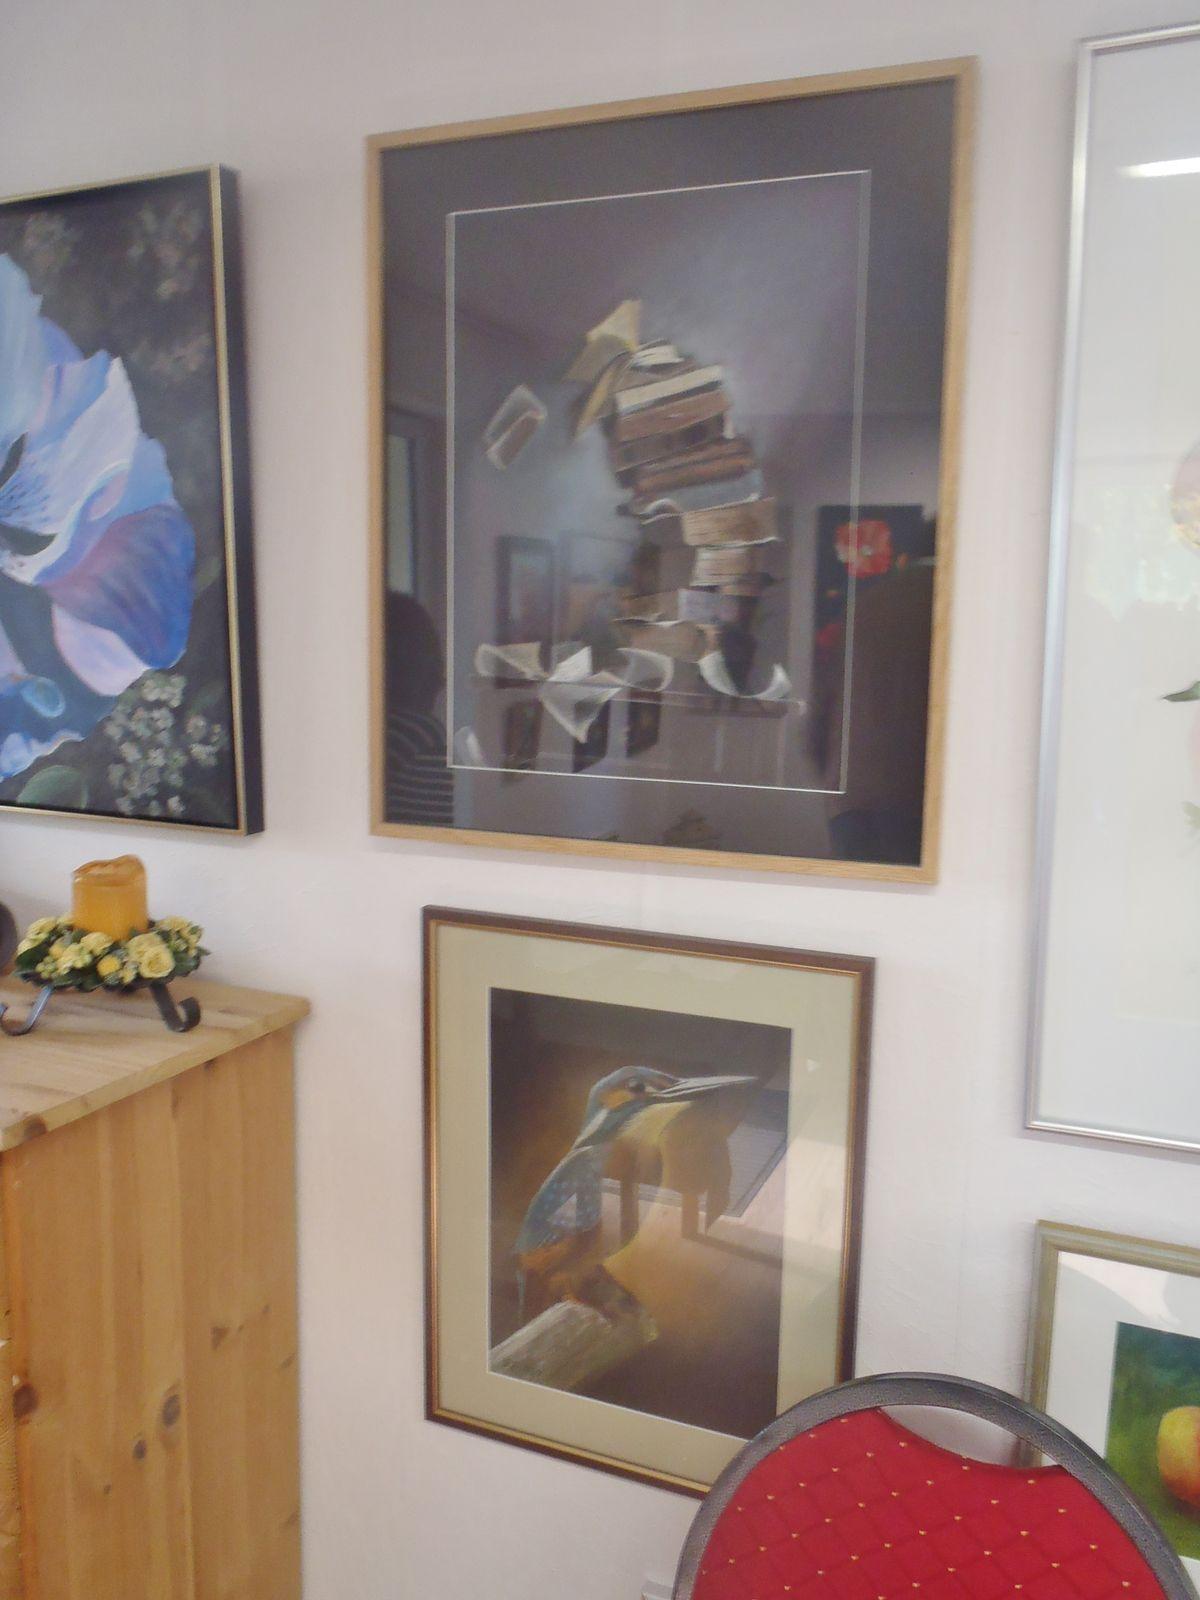 Besuch in der Kleinen Galerie